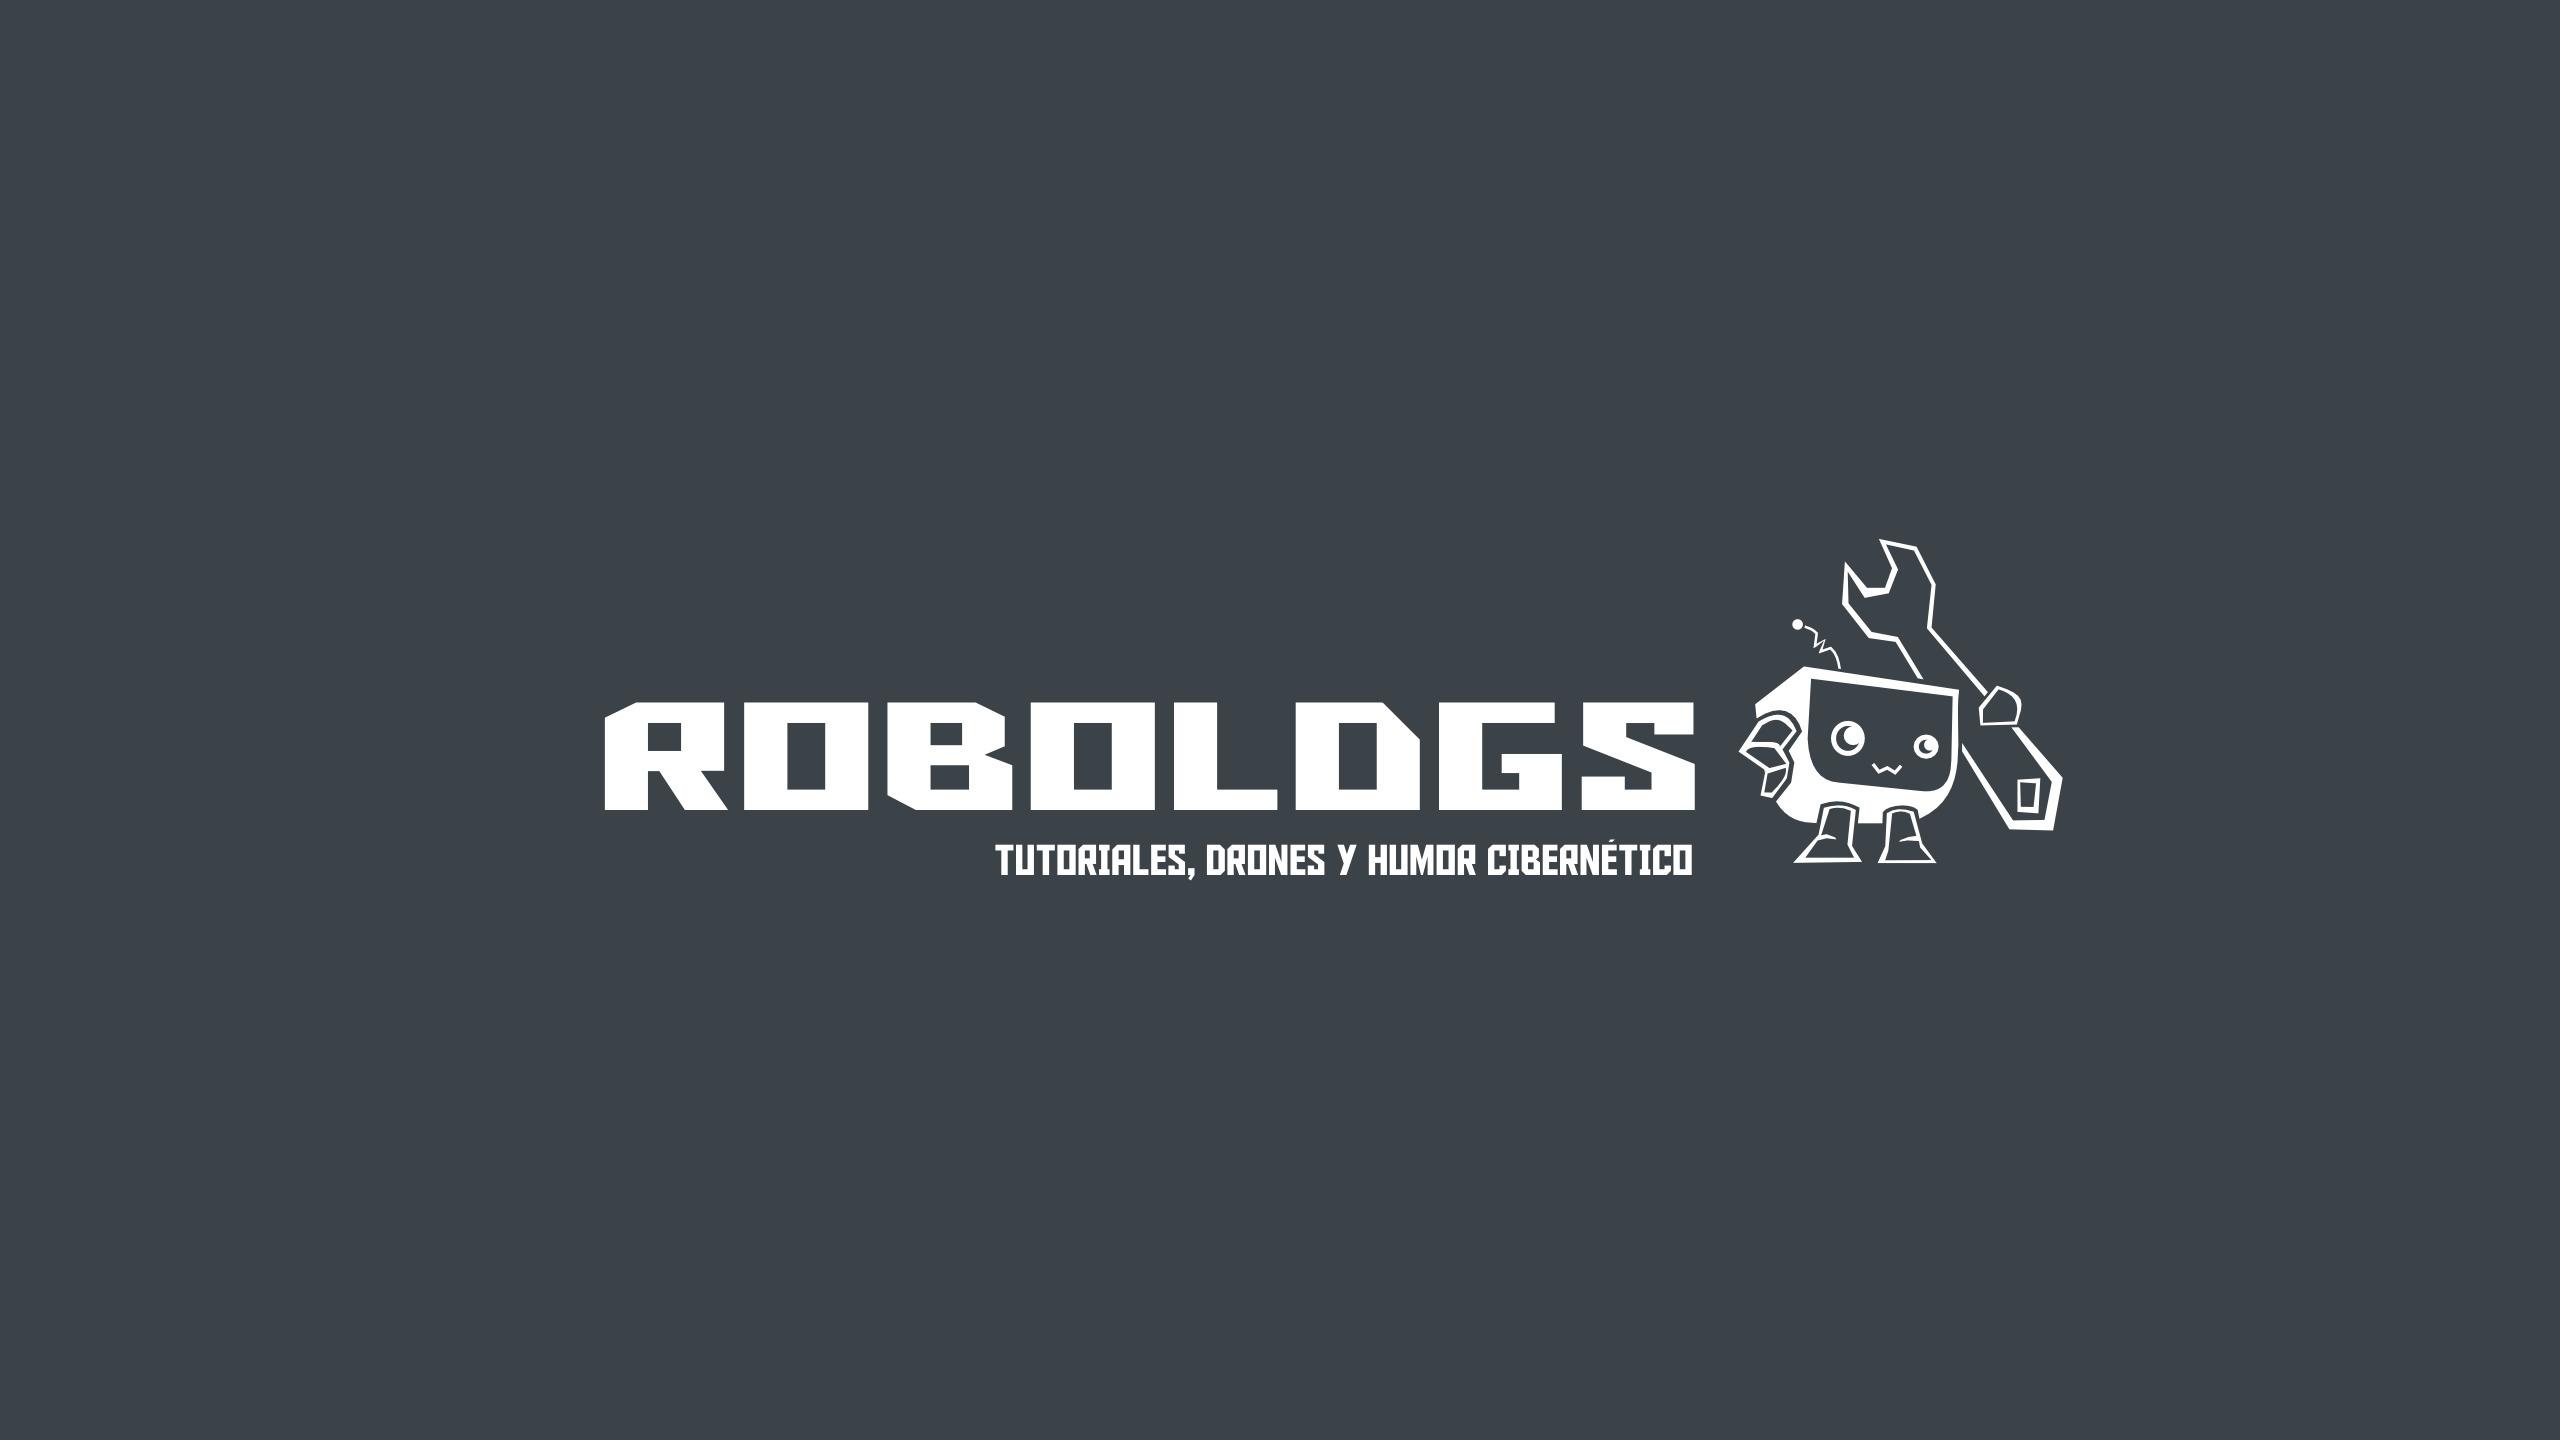 @robologs Cover Image